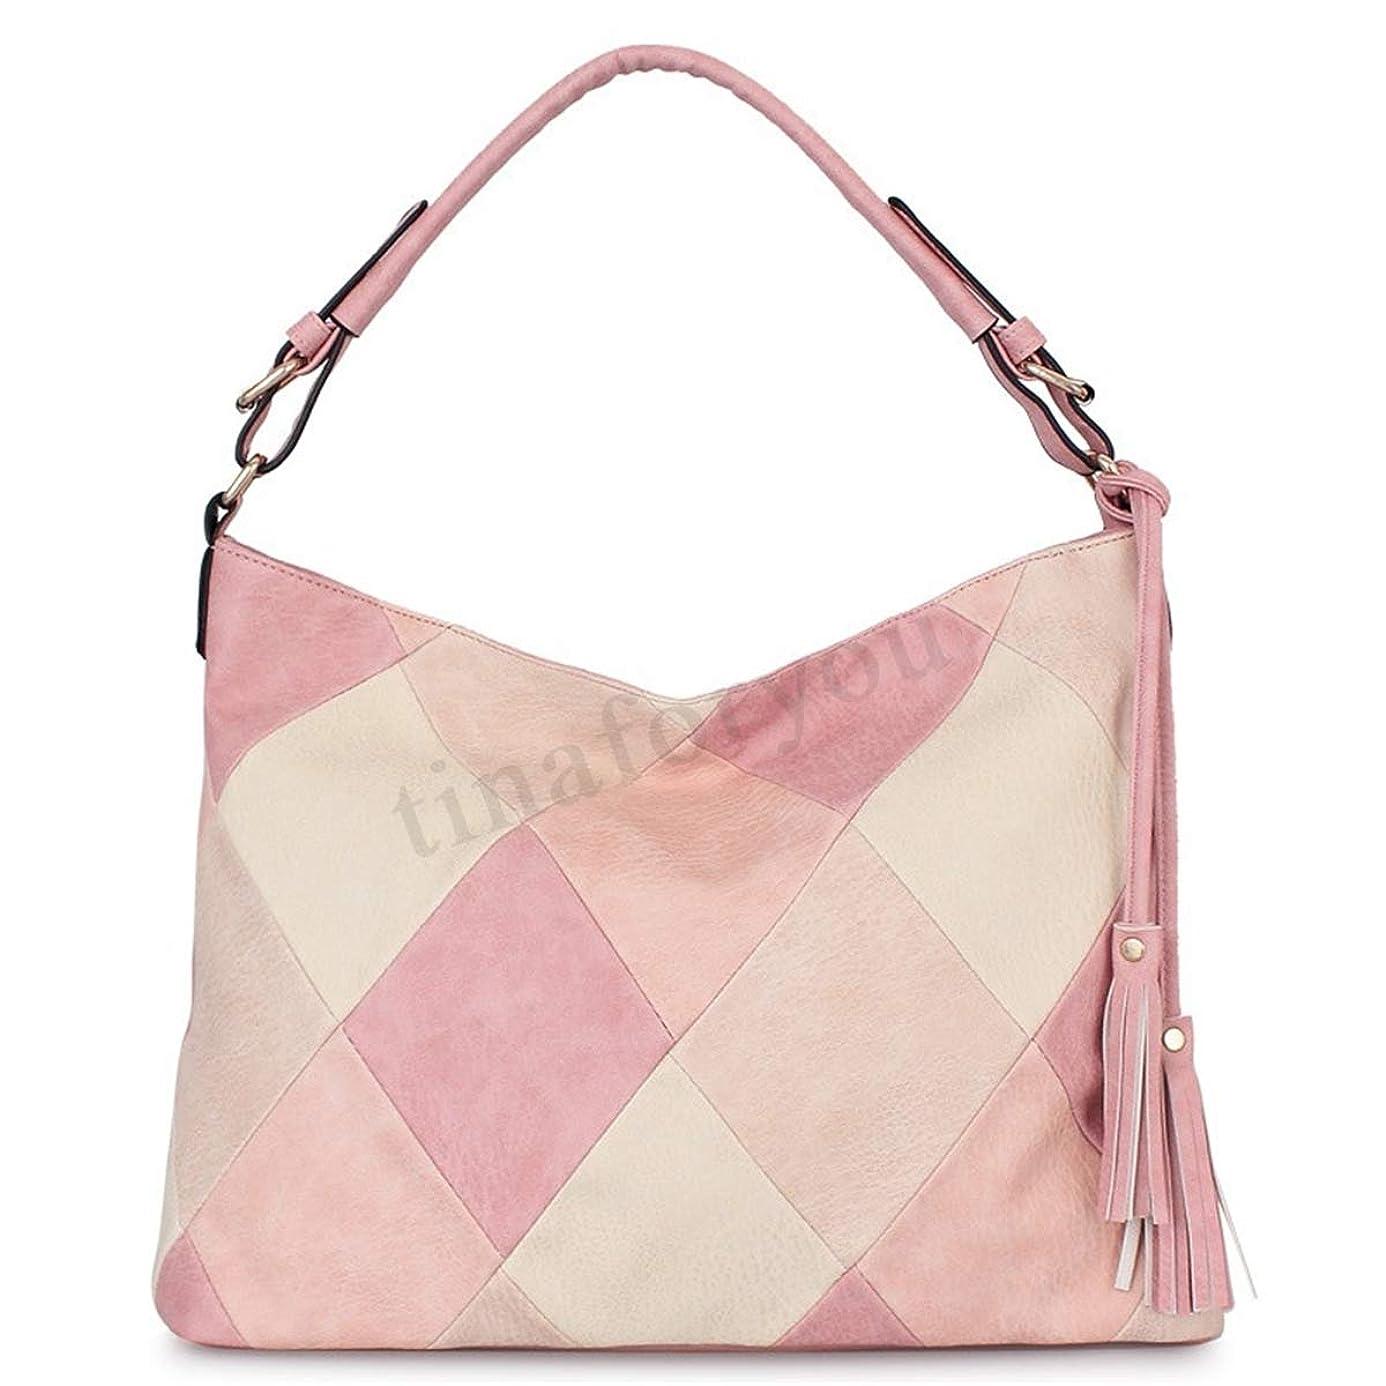 とげのある船形スロープファッション > レディース > バッグ?財布 > バッグ > ショルダーバッグ/Women Tassel Splicing Leather Satchel Crossbody Shoulder Bag Travel Handbag Tote